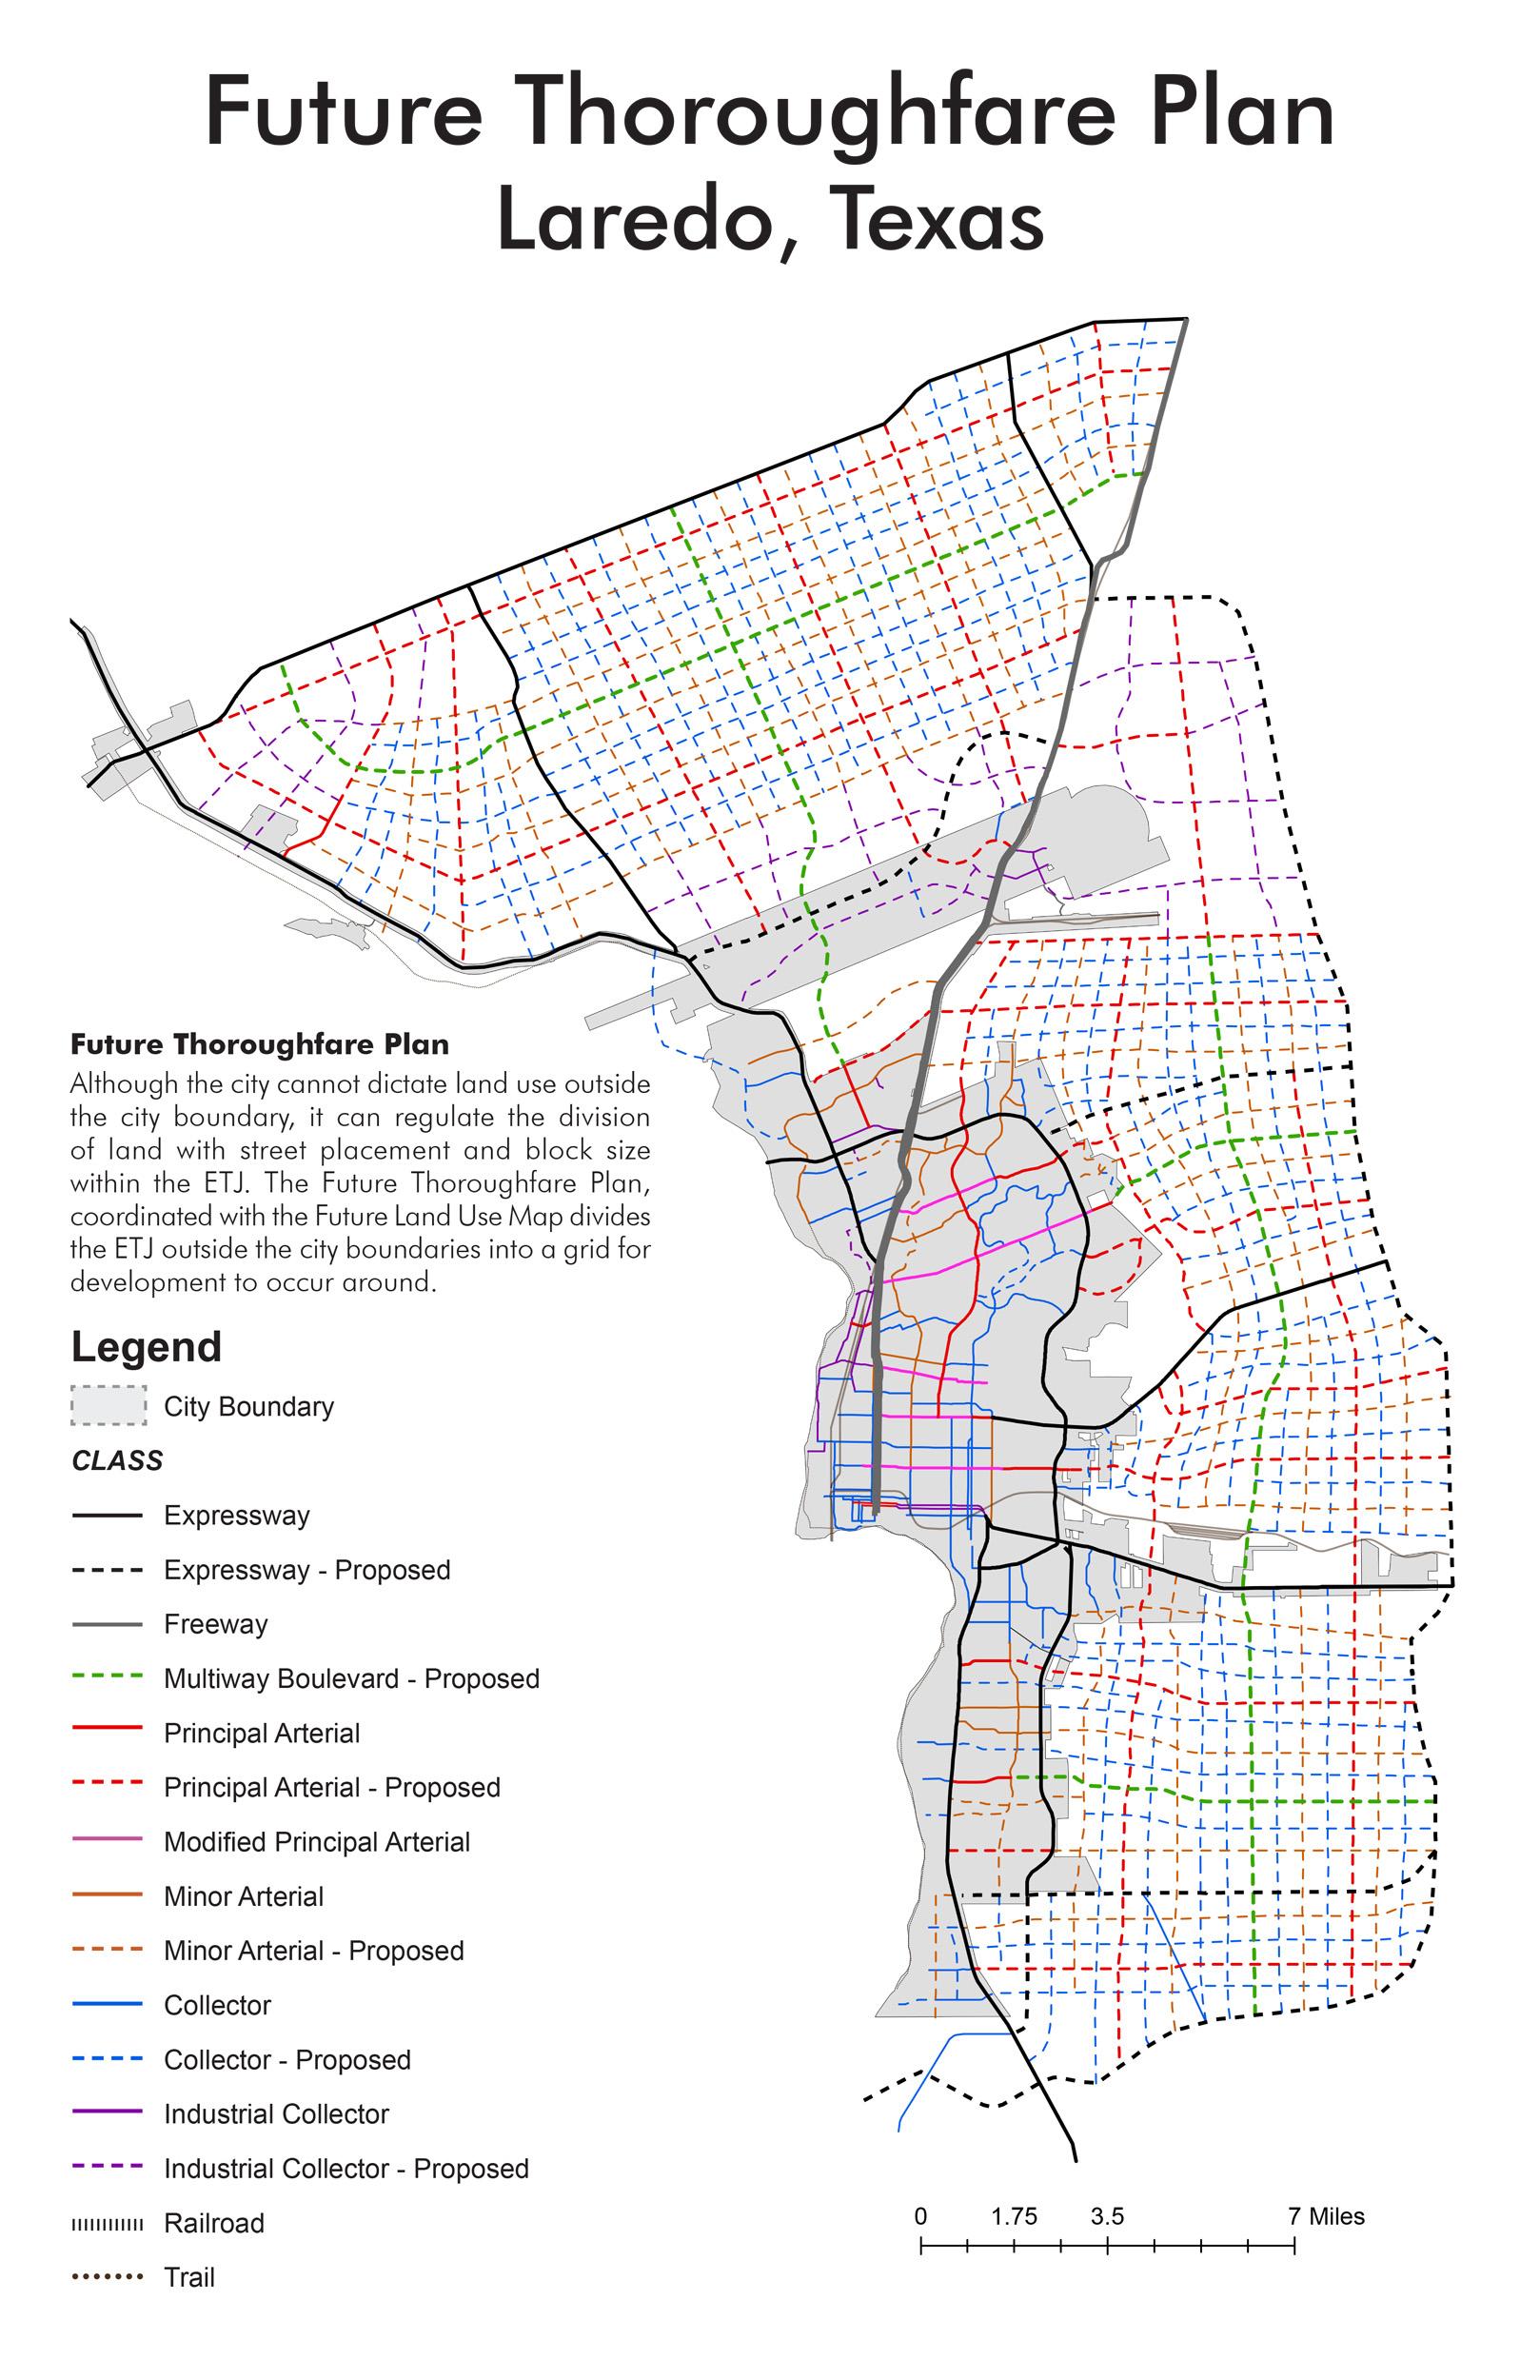 Laredo_Thoroughfare Plan.jpg